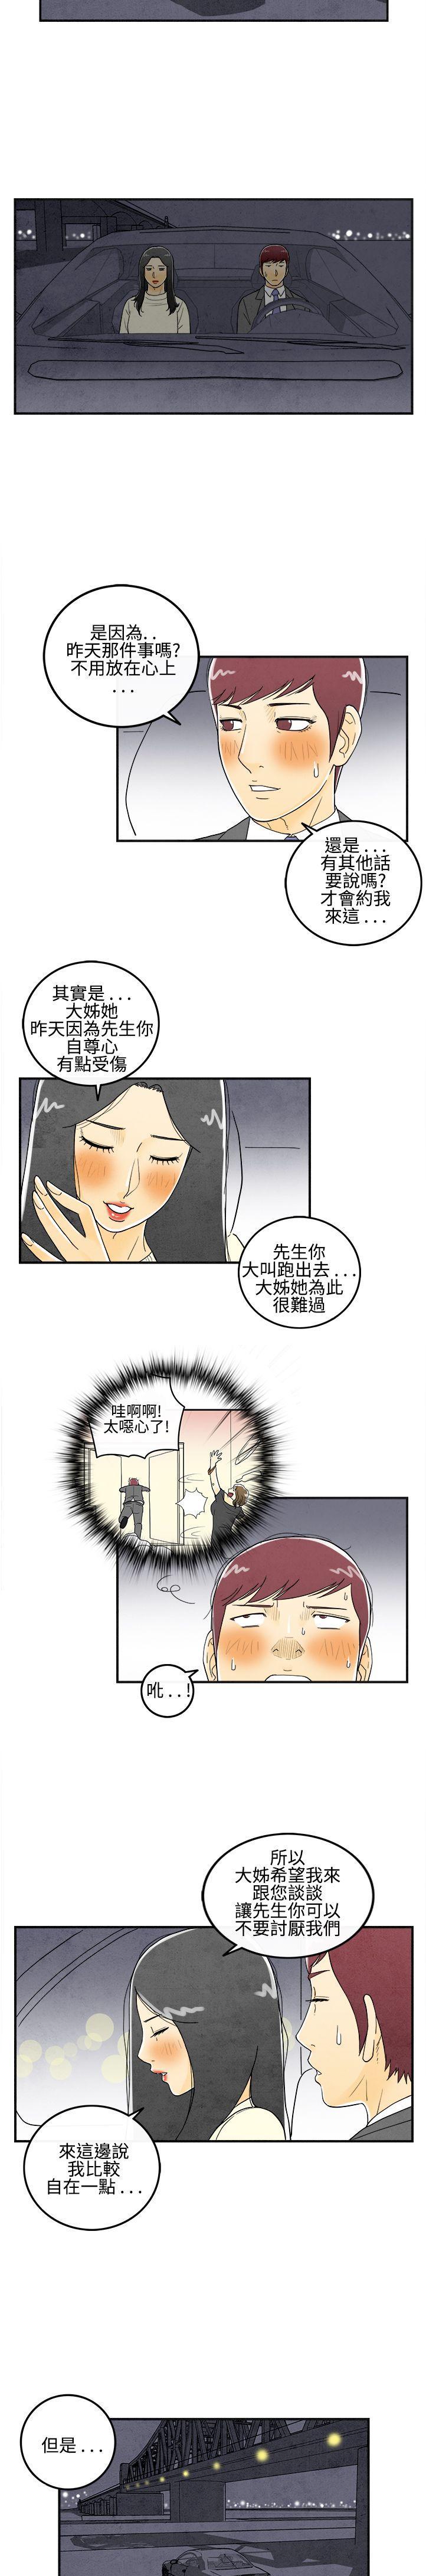 中文韩漫 离婚报告书 Ch.0-10 82